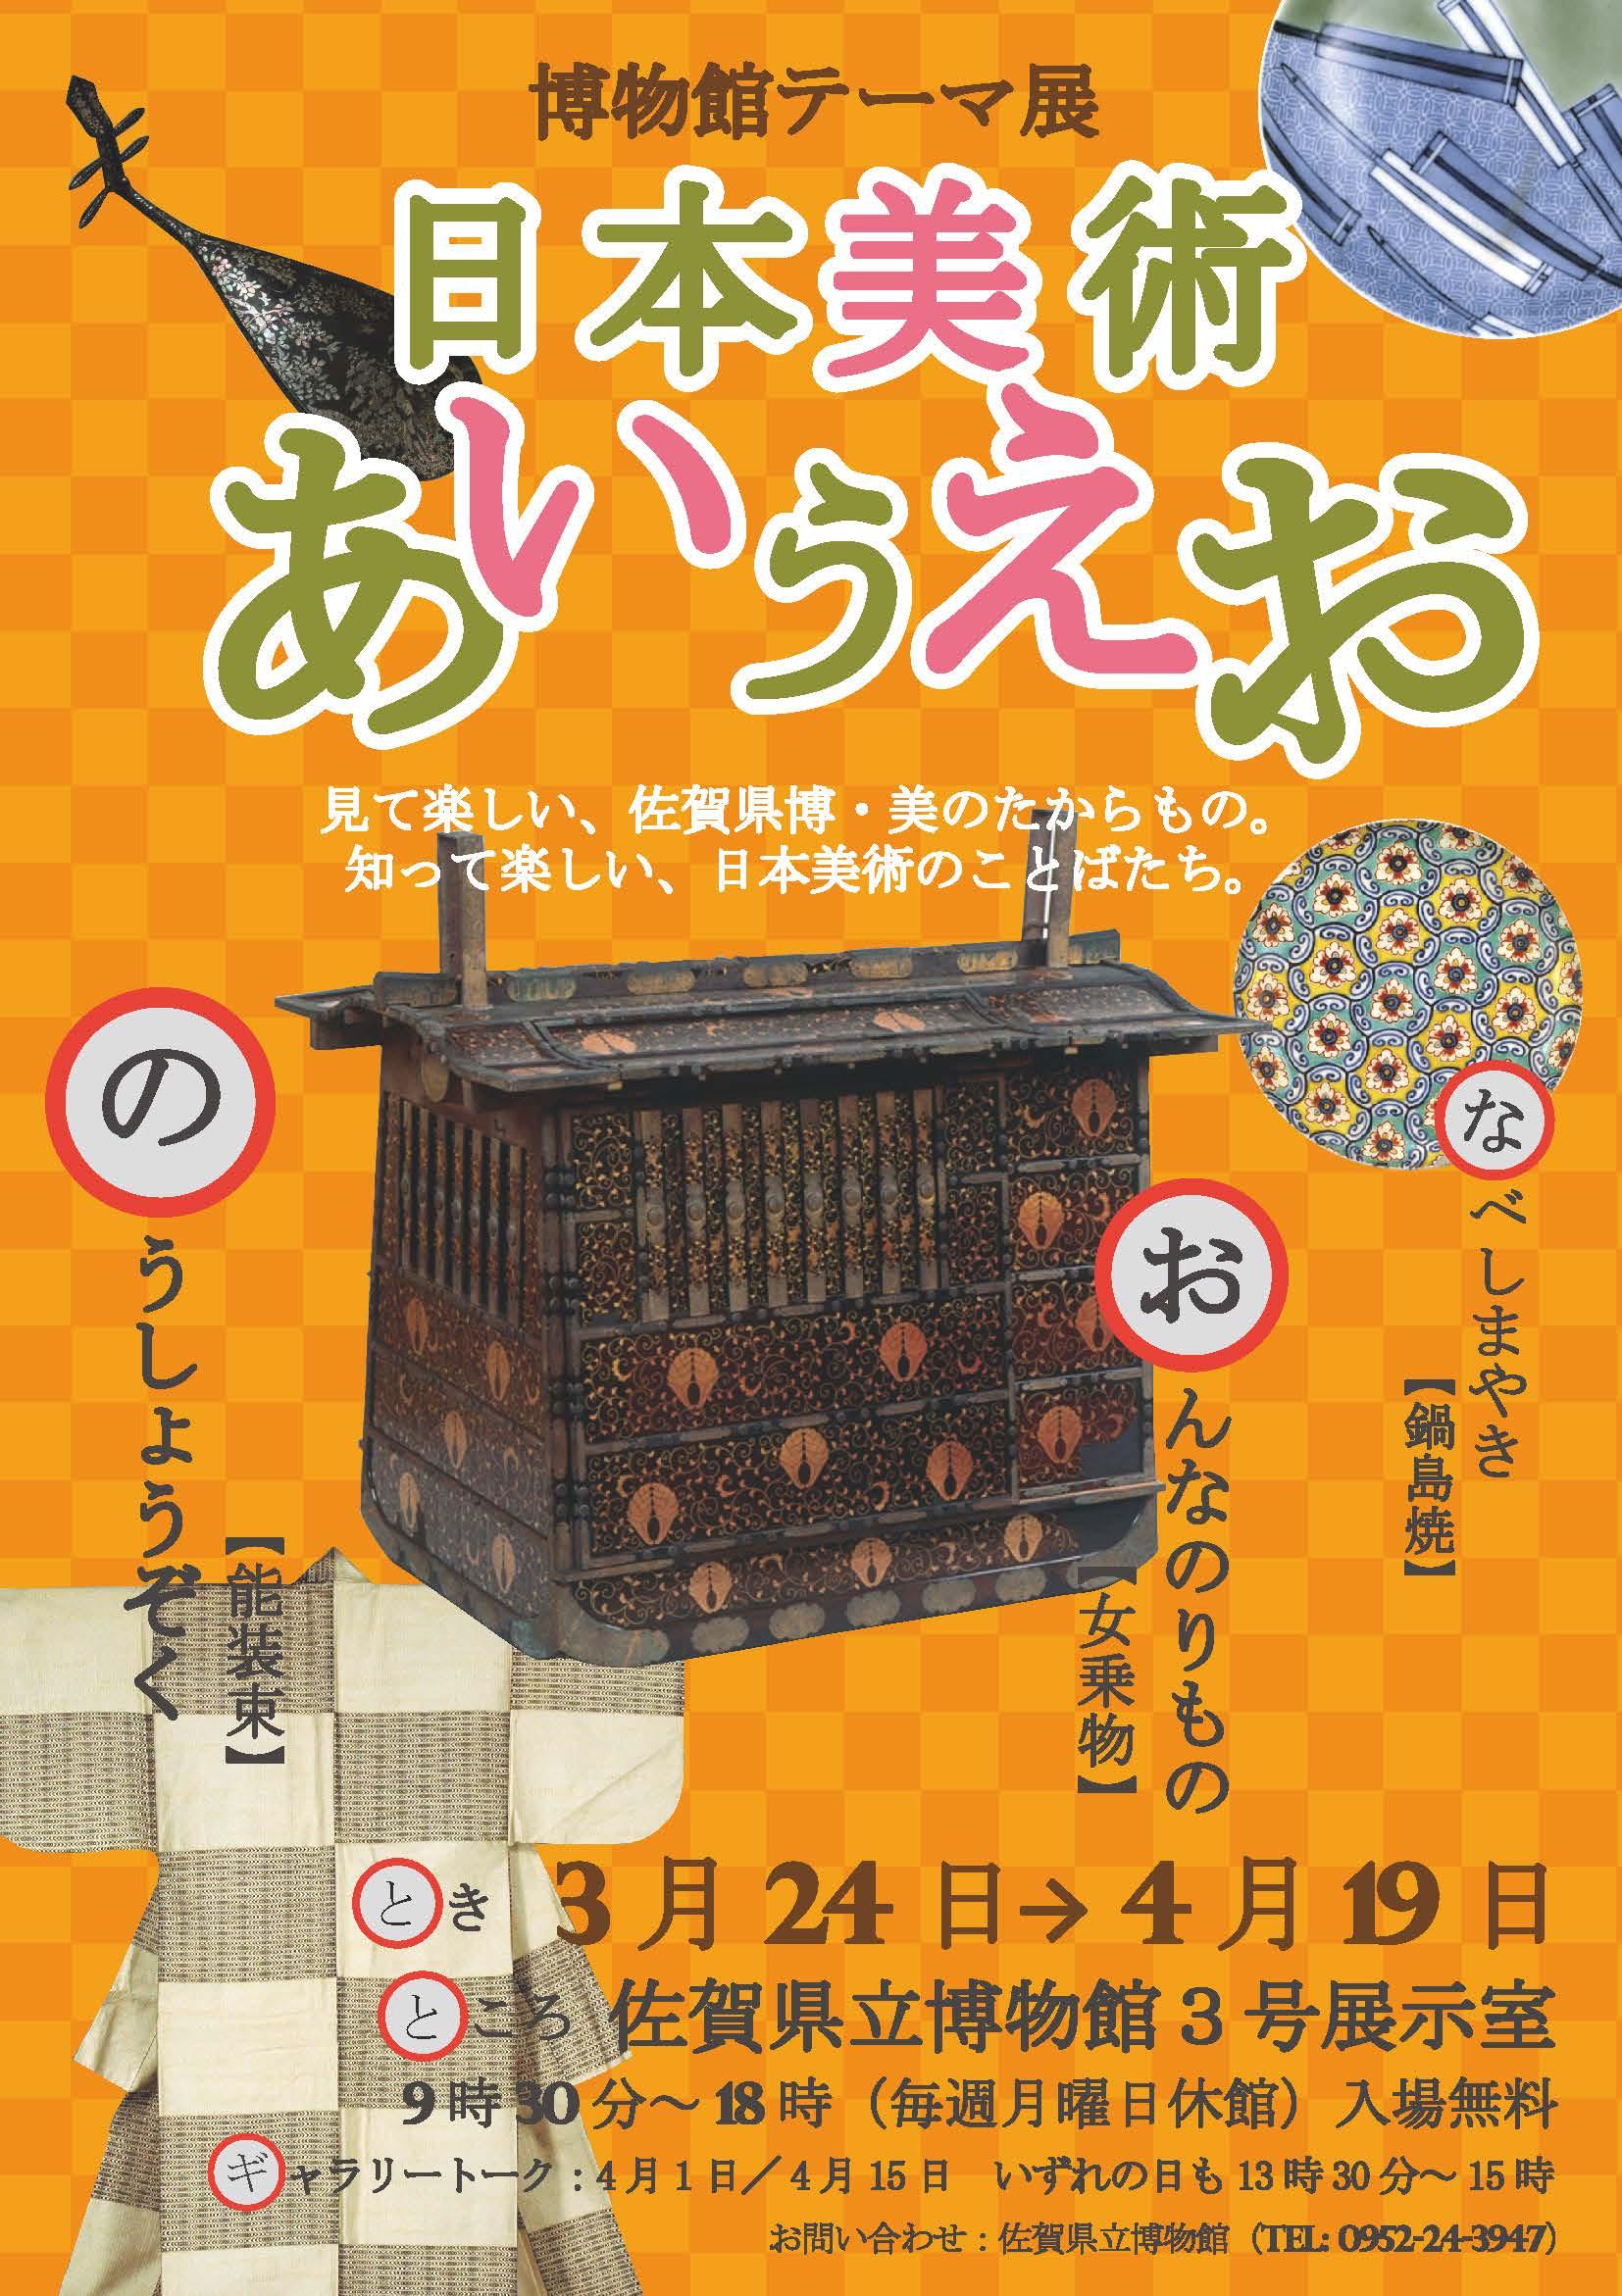 博物館テーマ展「日本美術あいうえお」